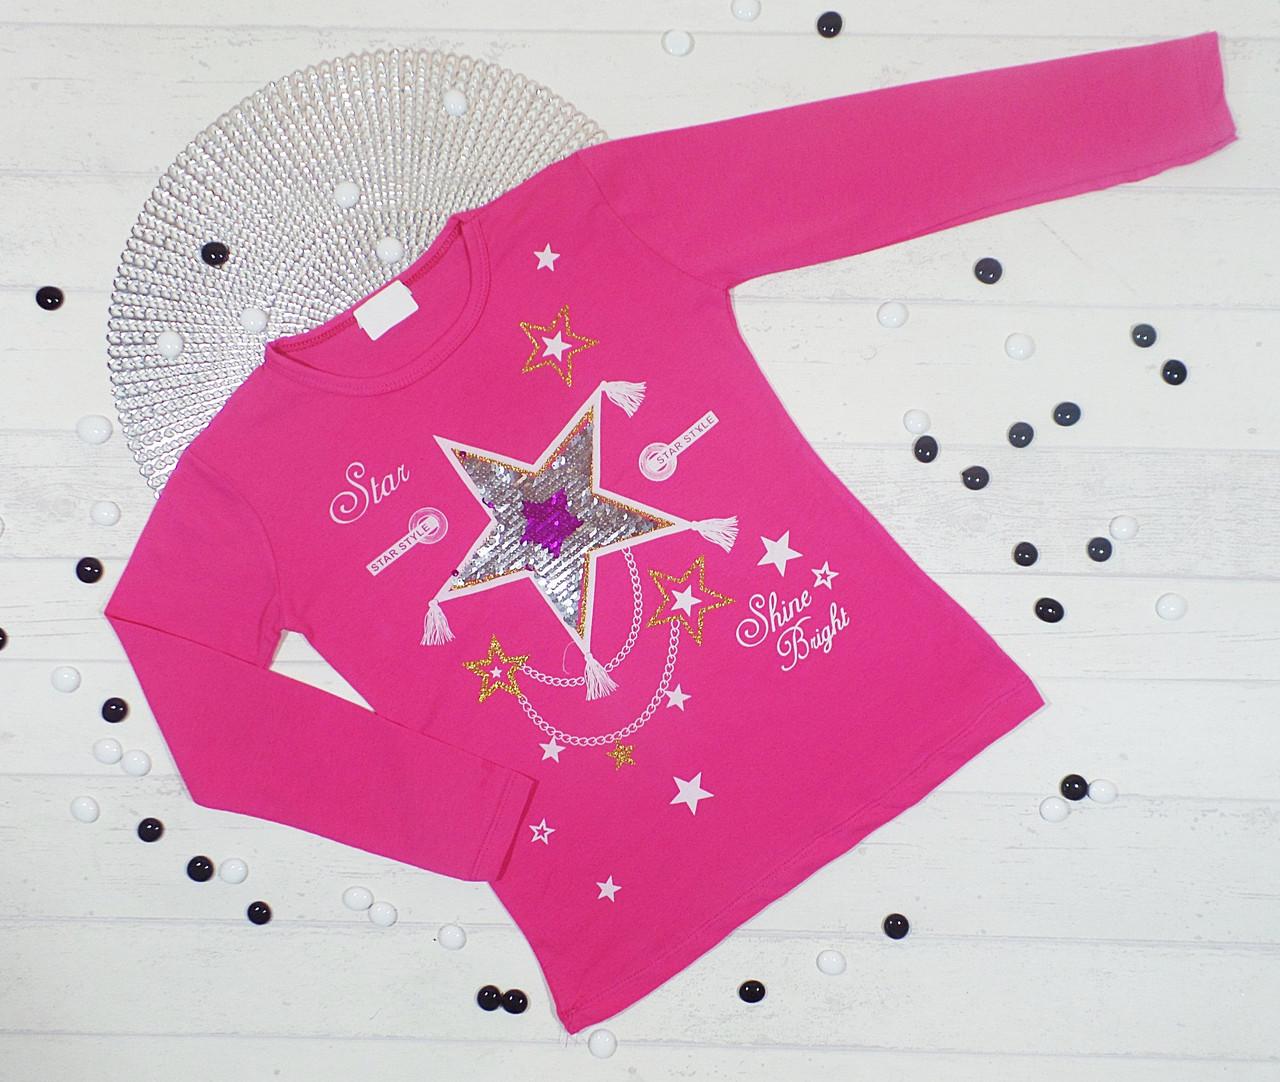 Джемпер кофточка детская из трикотажа для девочки 4-5,5-6,7-8,8-9 лет (4 ед. в уп.)